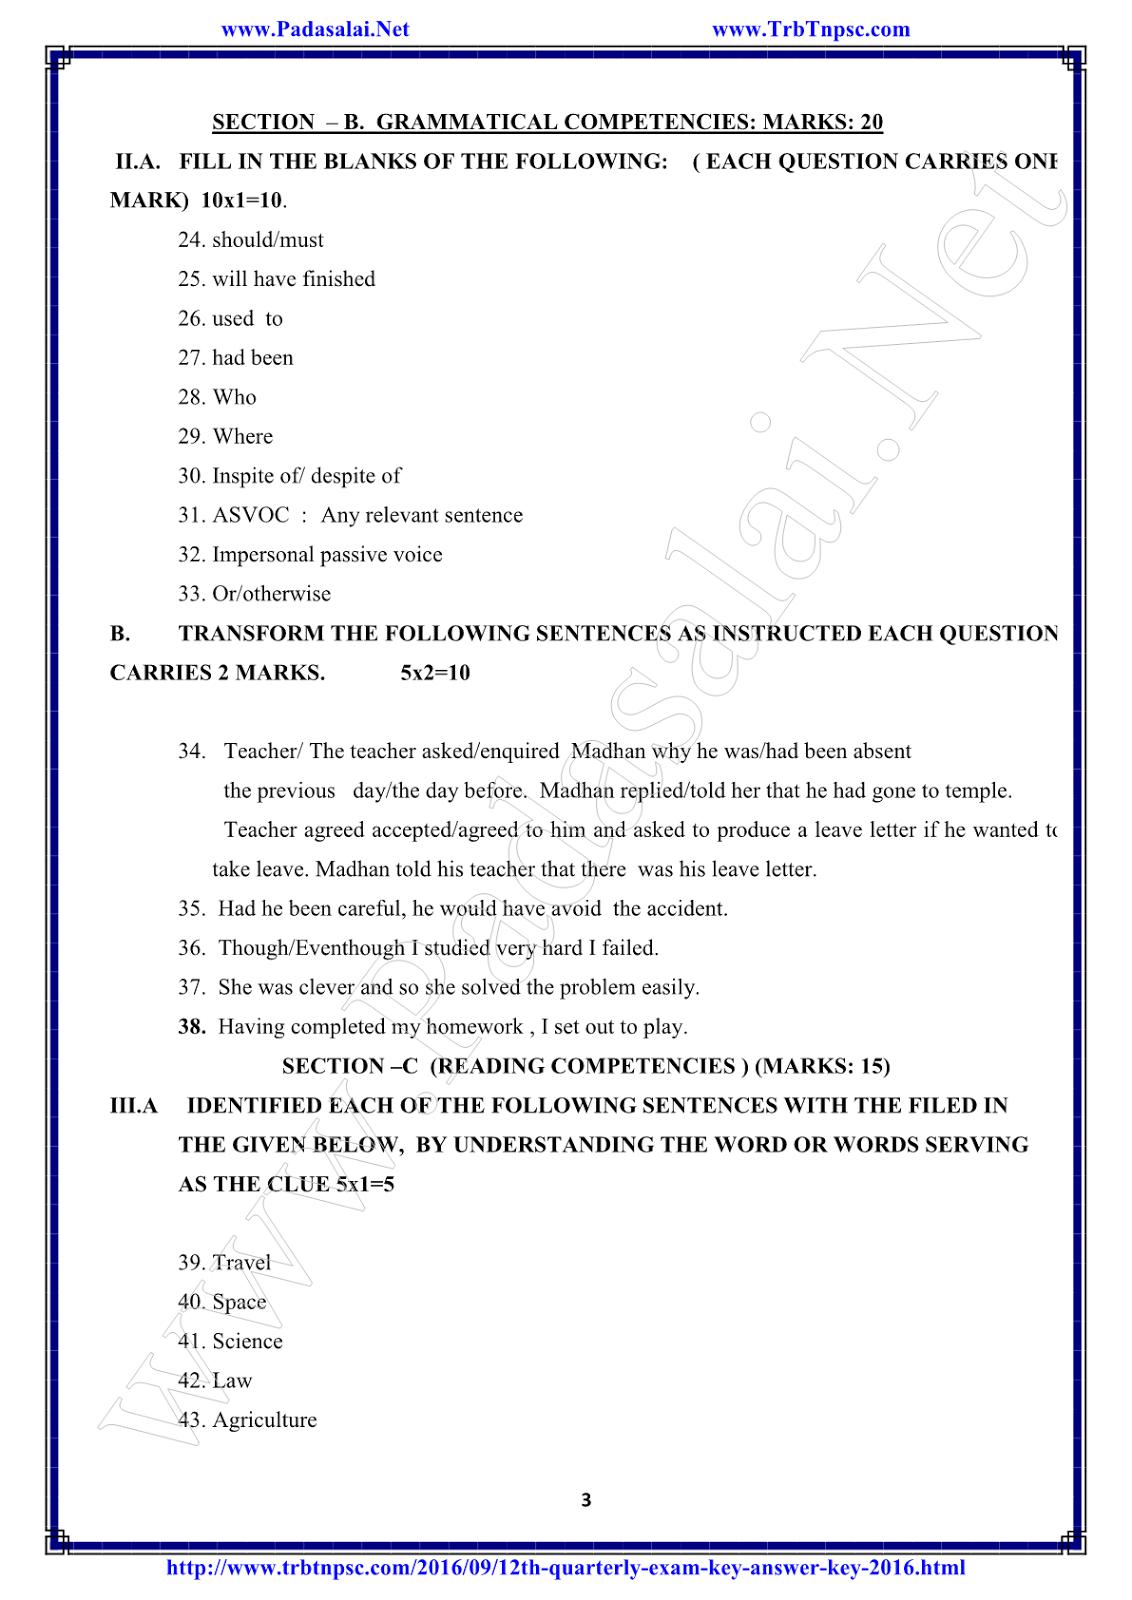 Plus Two Quarterly Exam Key Answer 2016-17 | English Paper ...